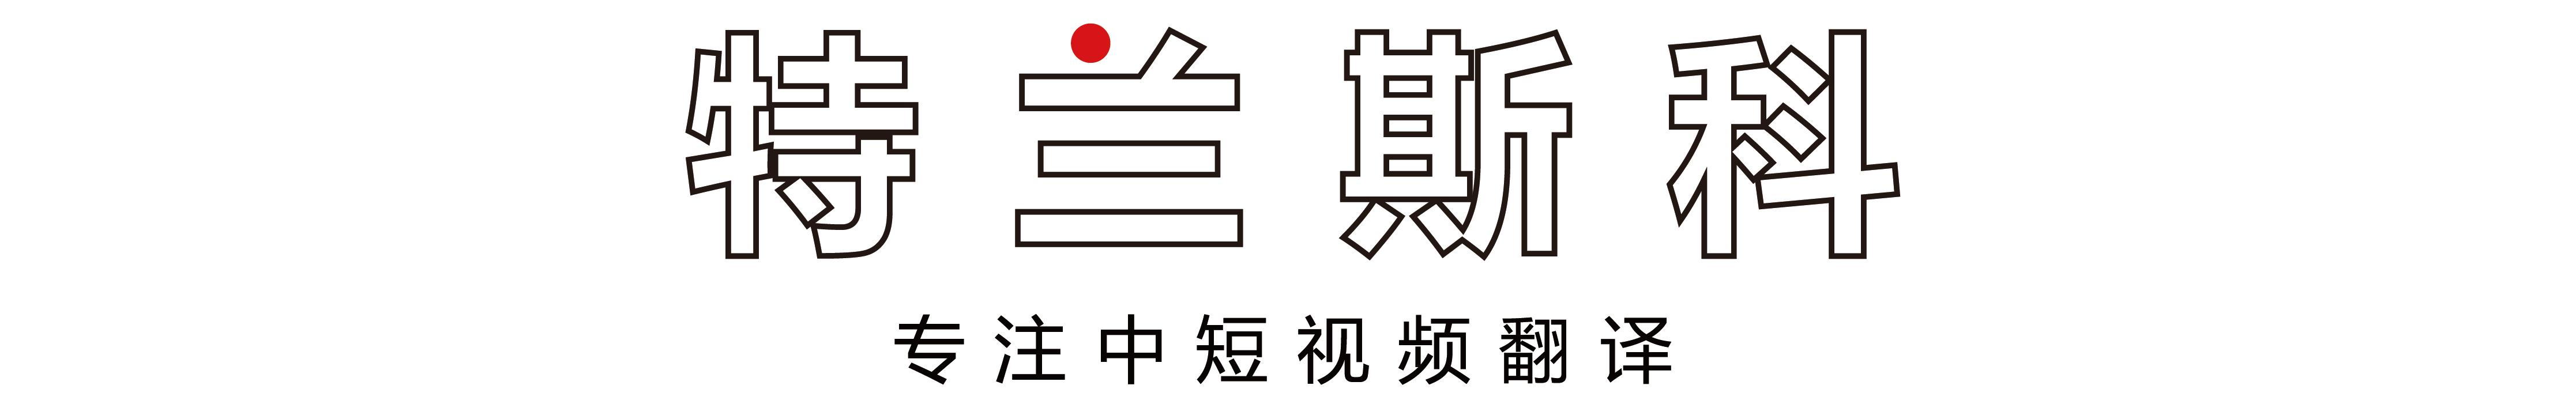 运城翻译 banner